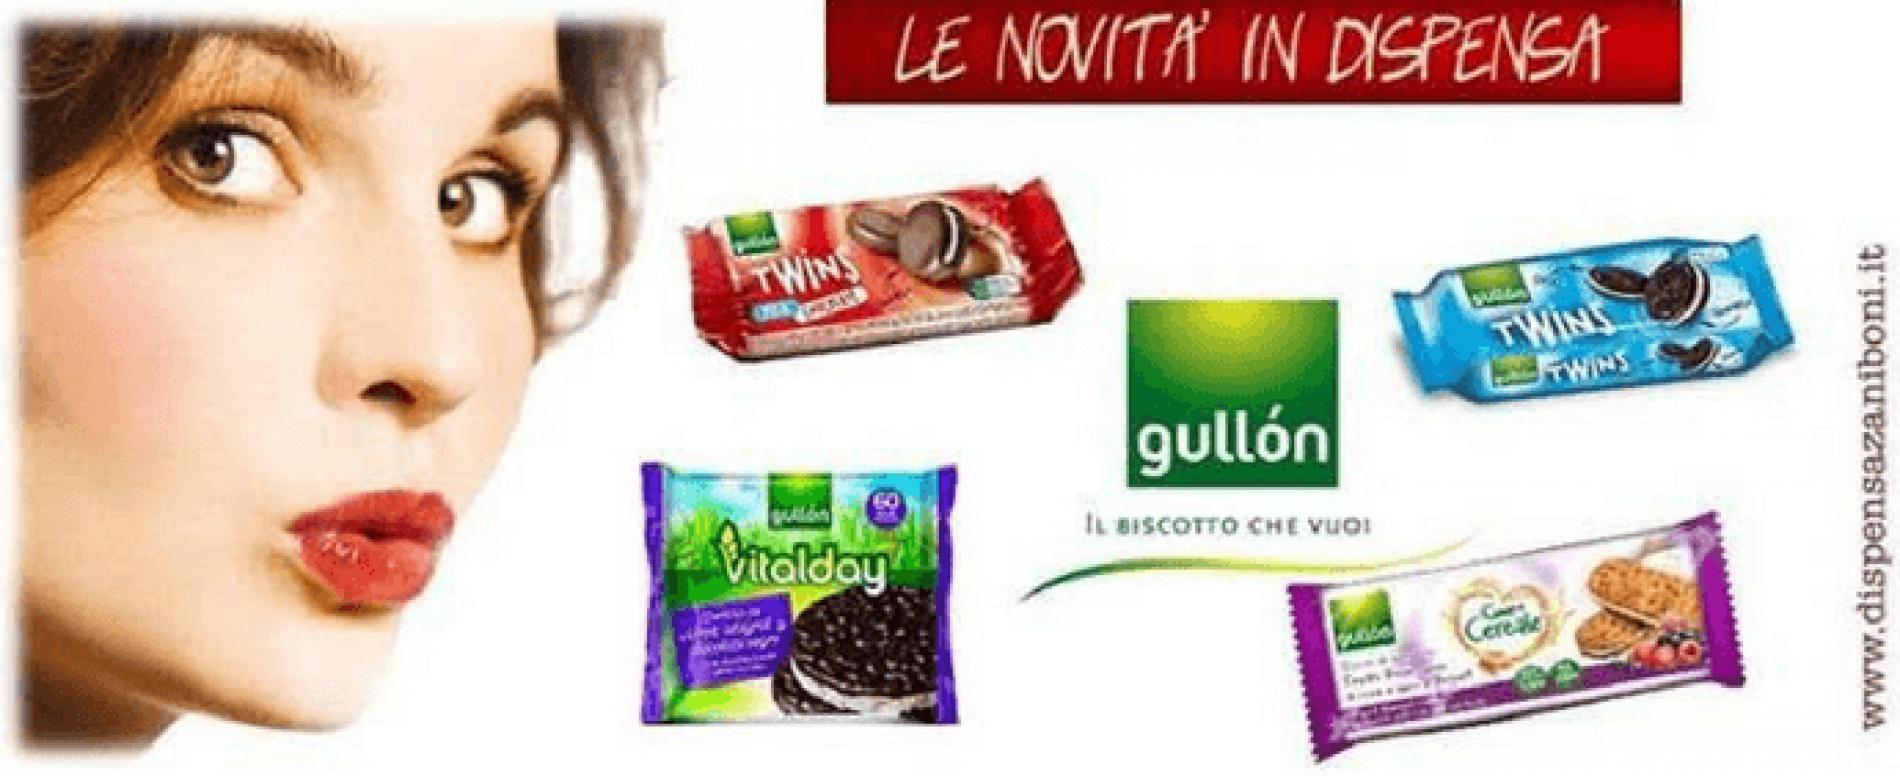 Dispensa Zaniboni amplia l'offerta con la linea Gullon